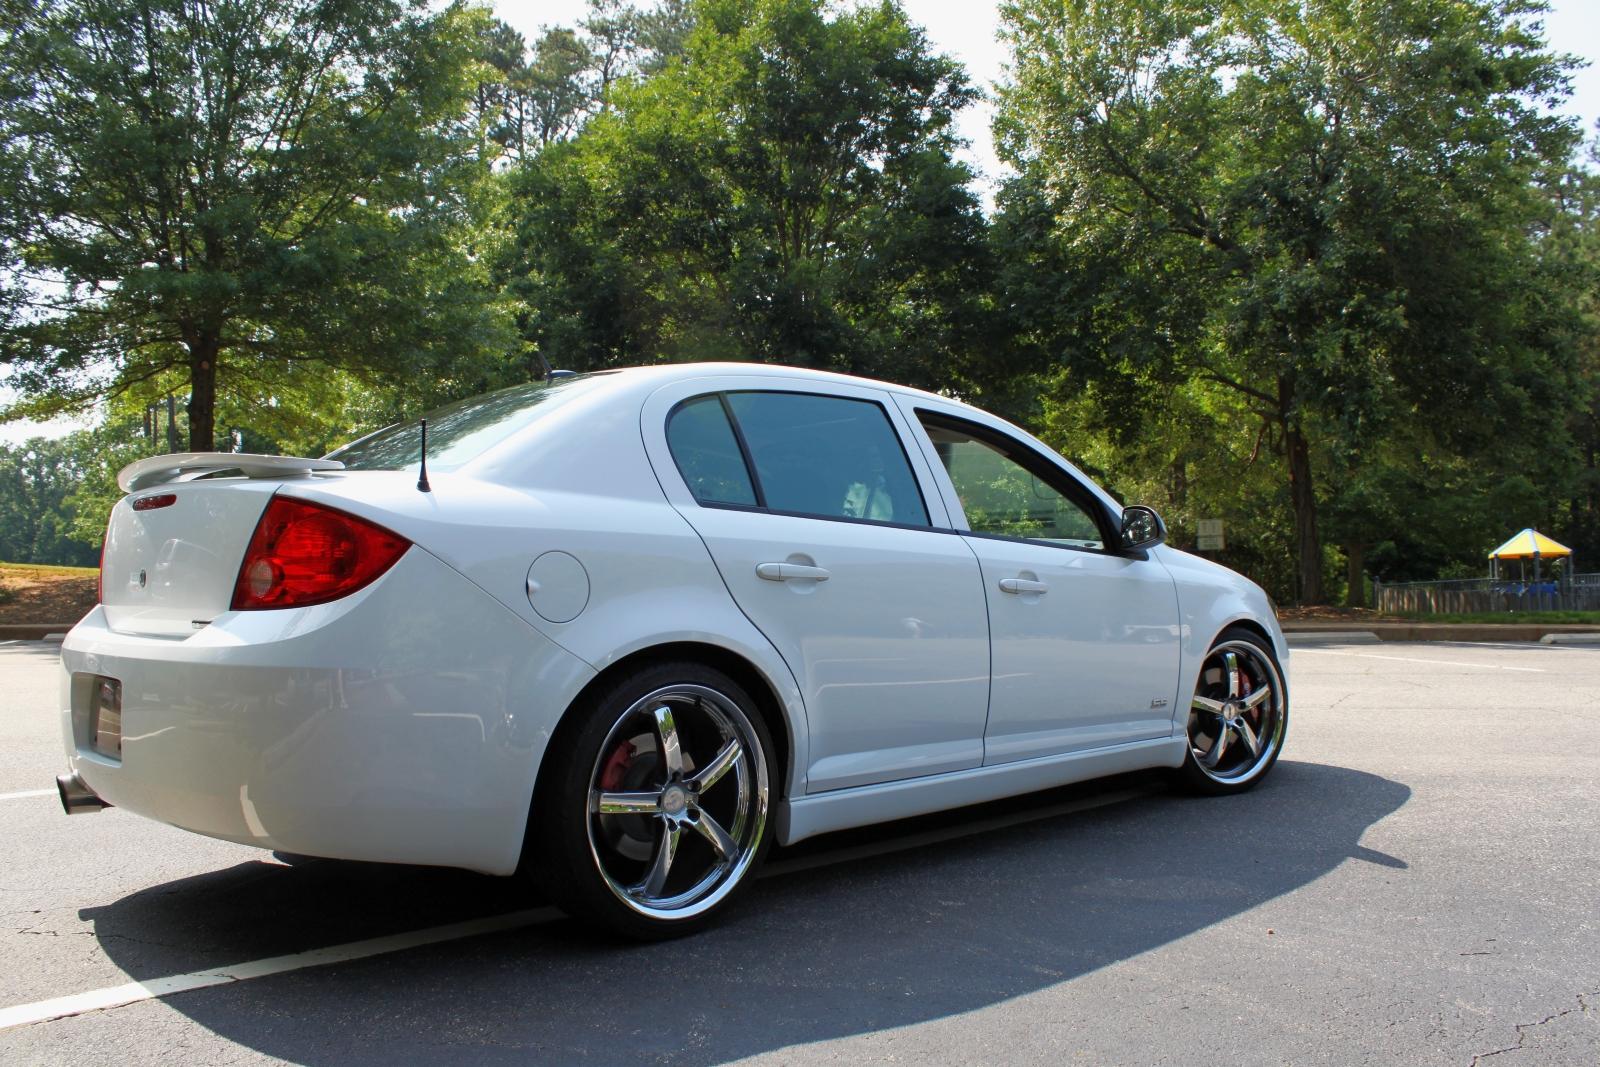 Cobalt chevy cobalt 4 door : Feature Car: Matt Welliver's Cobalt Turbo Sedan